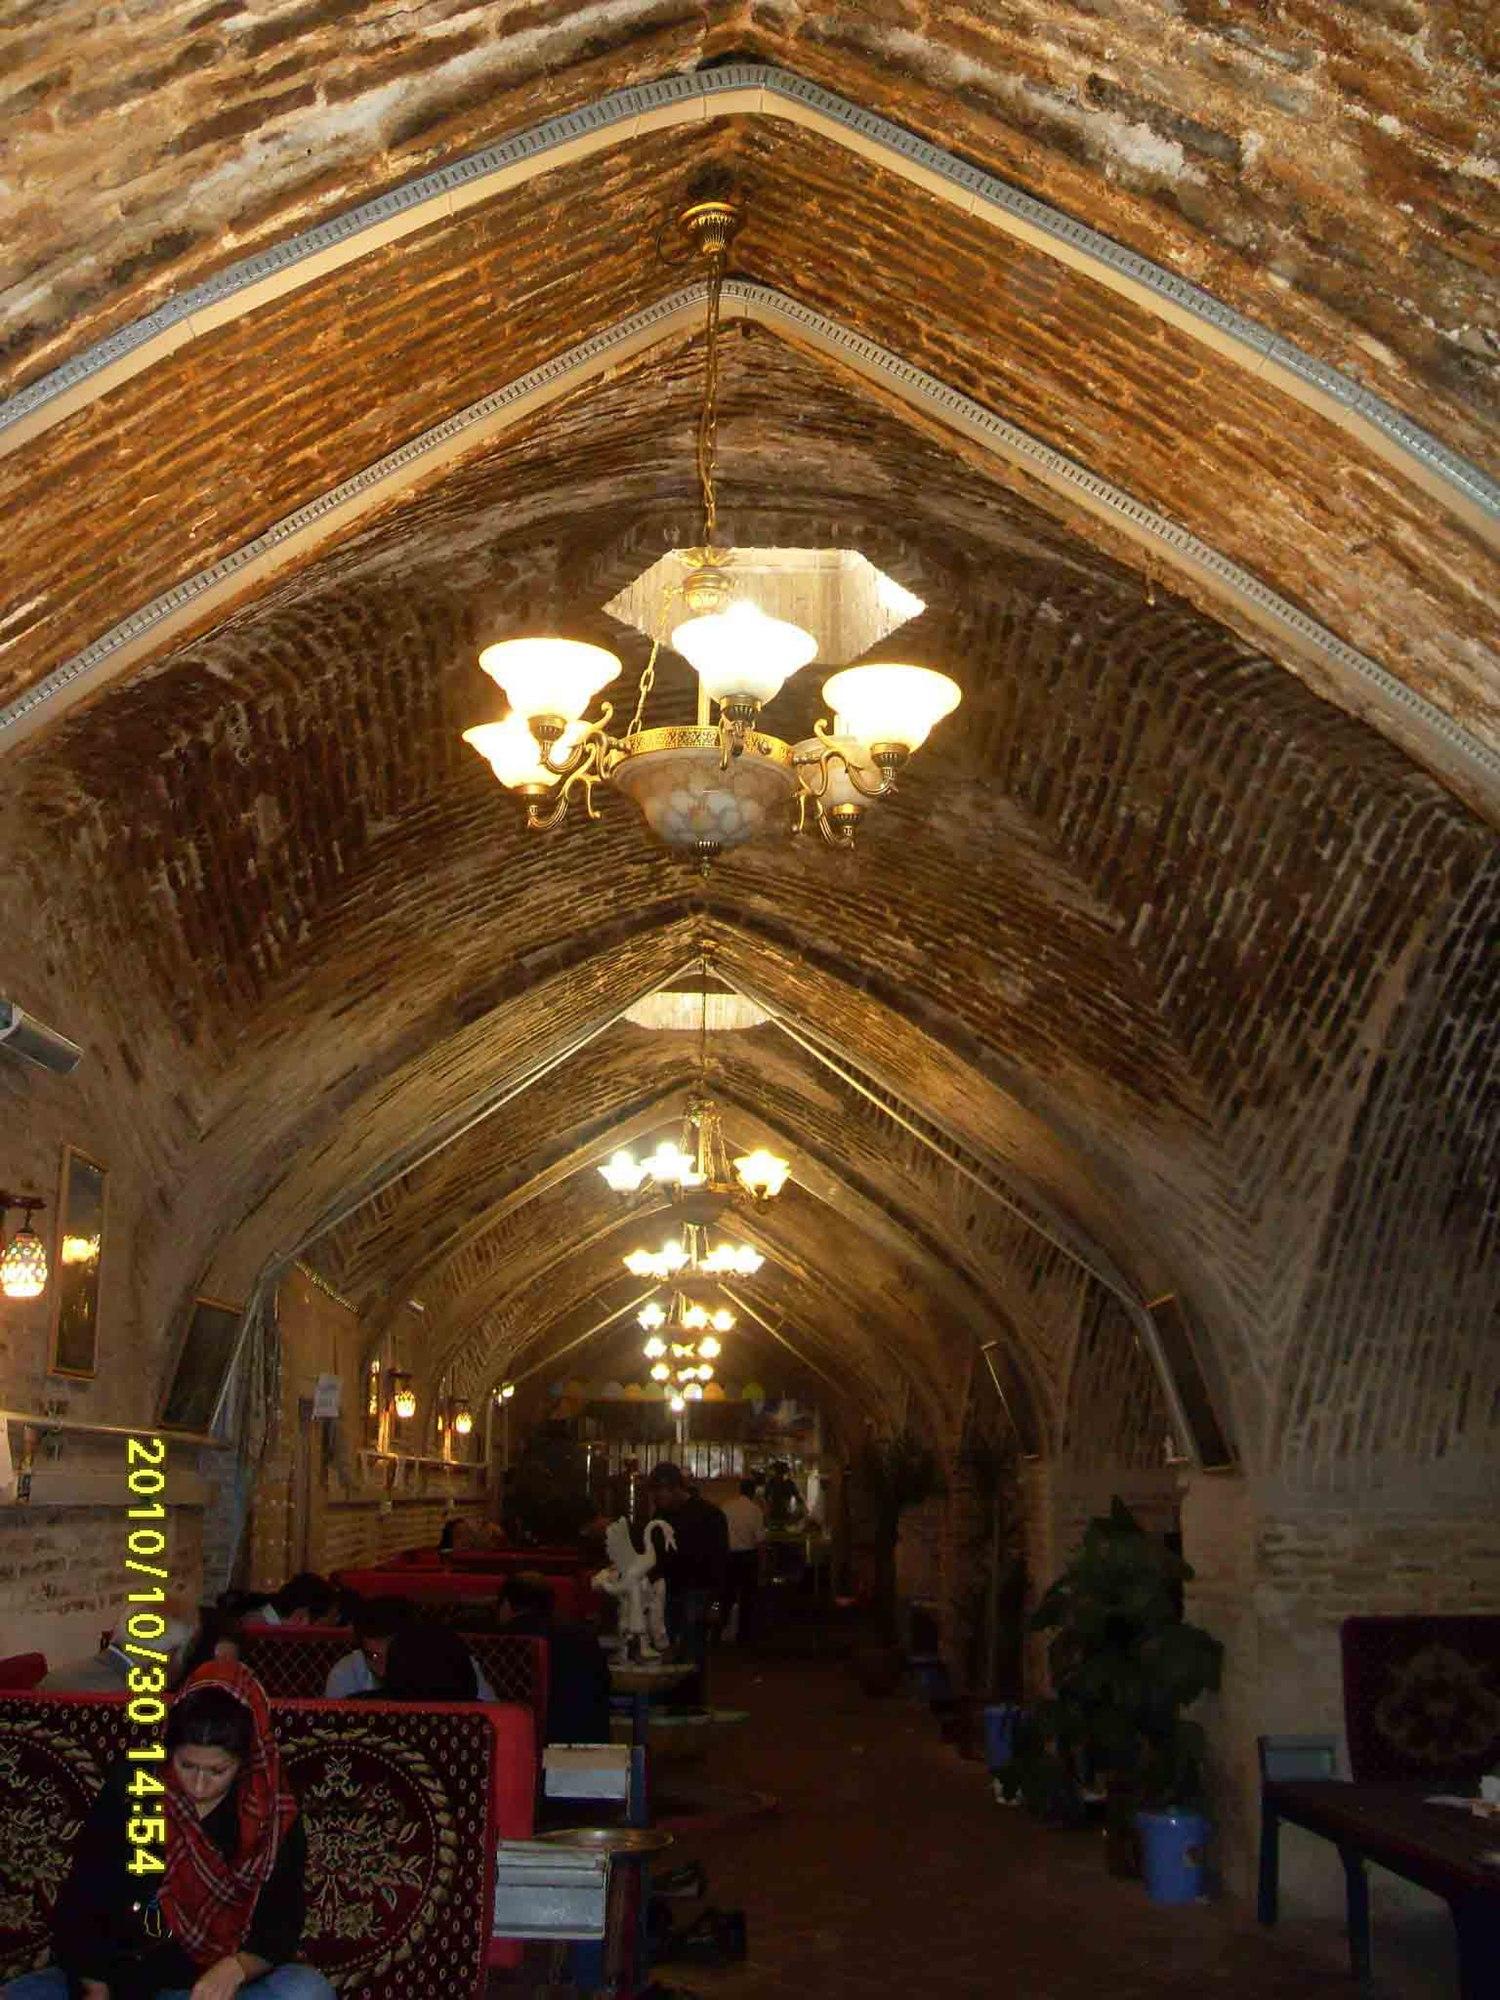 کاروانسرای سنگی (زنجان)